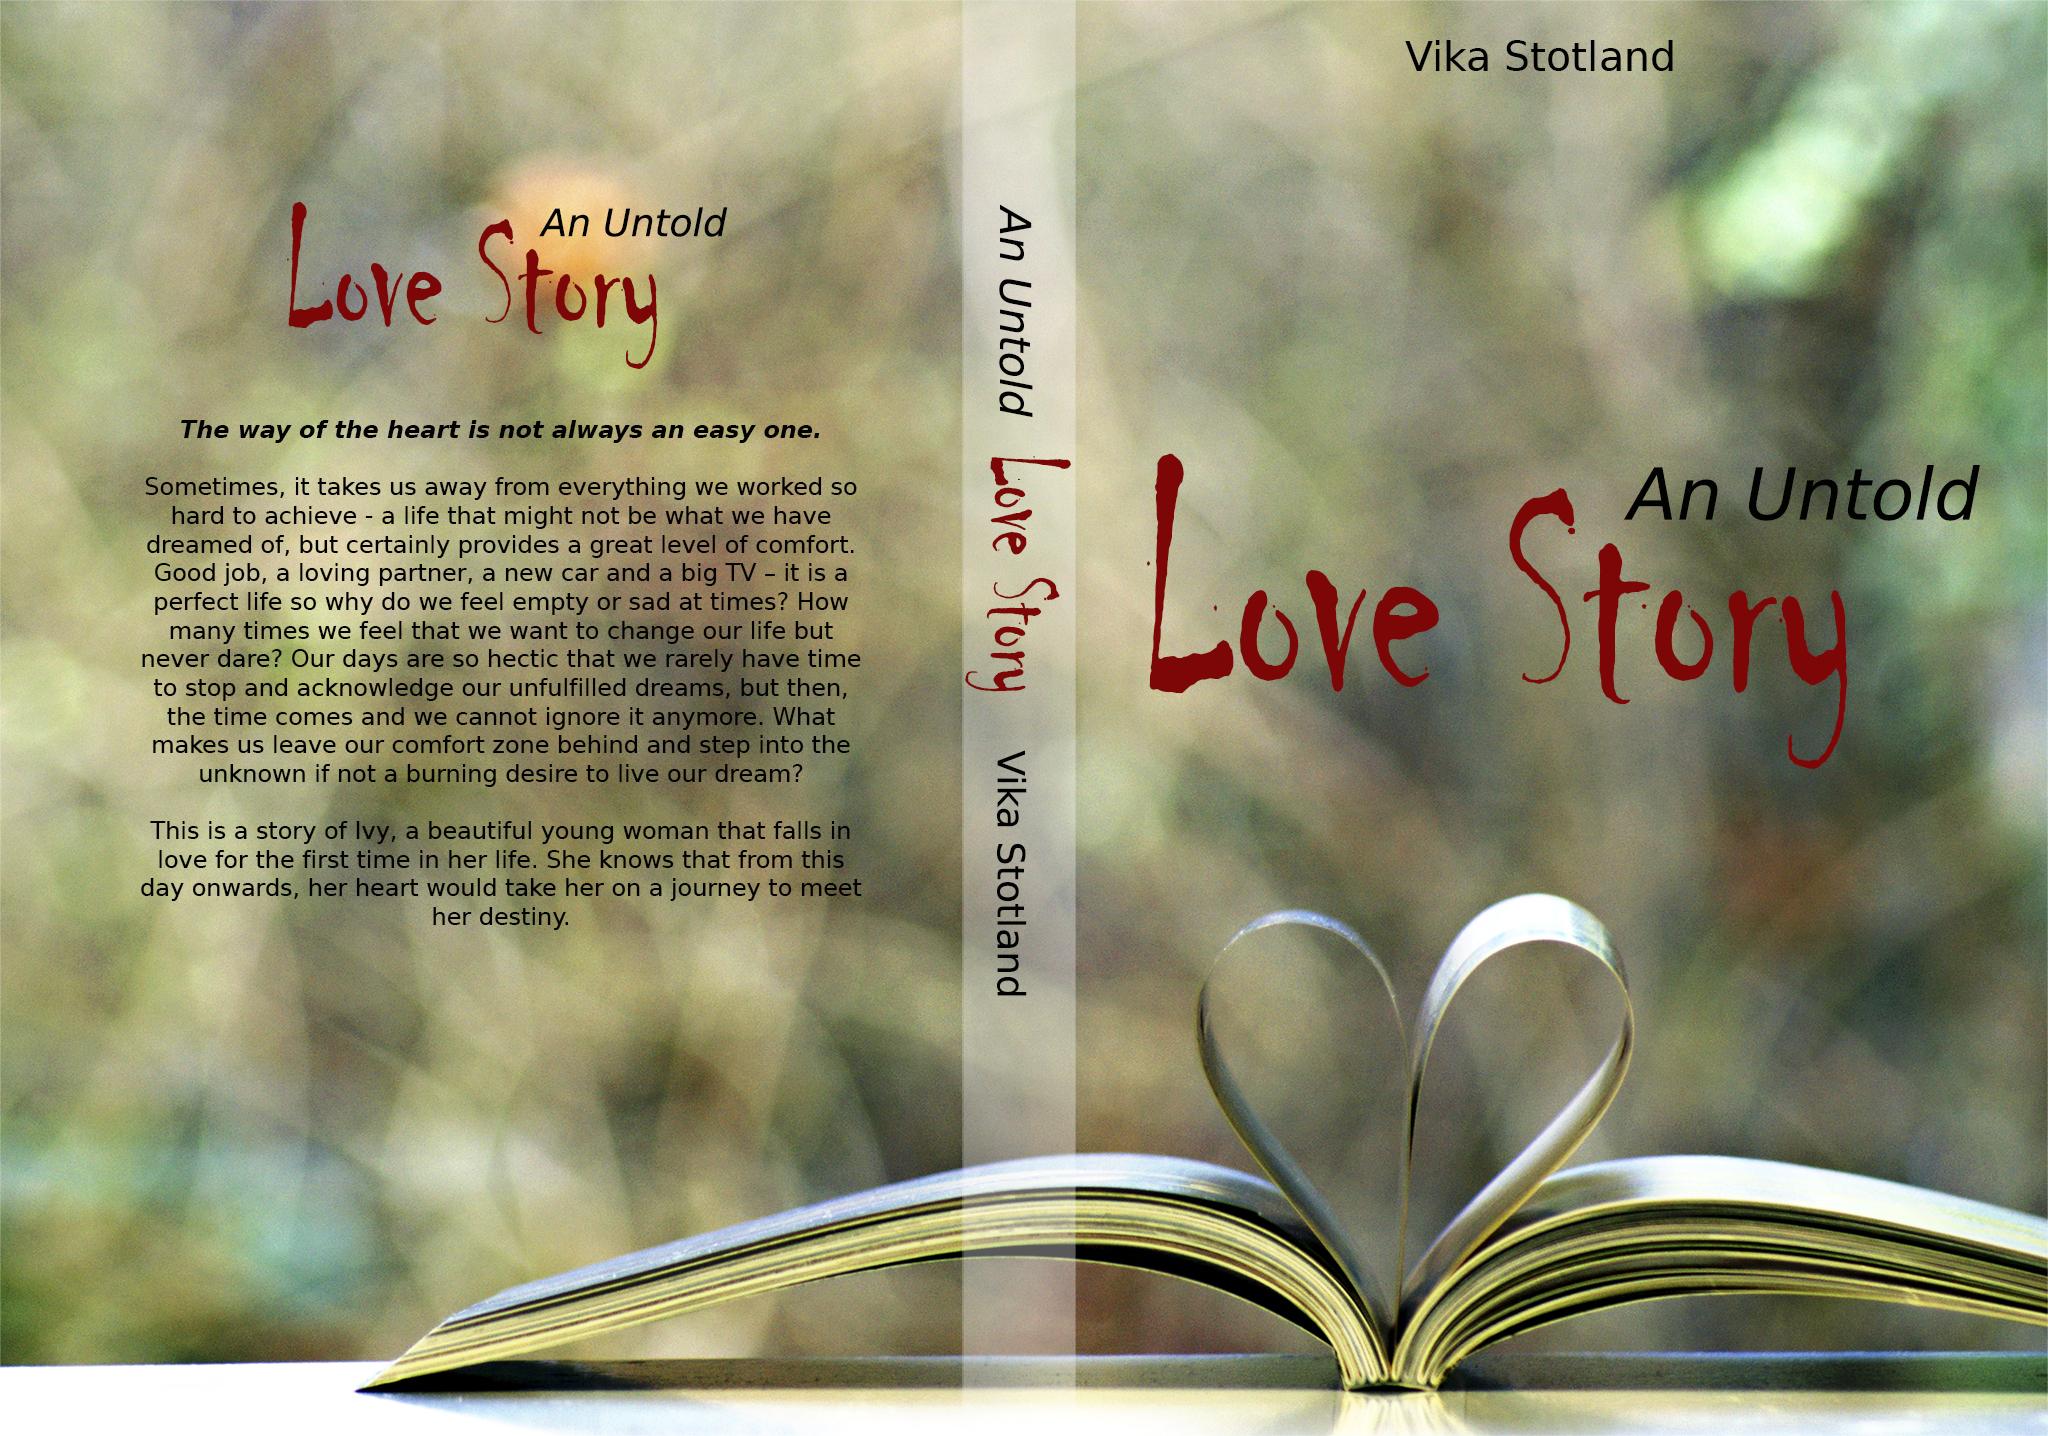 an untold love story-ggc.jpg